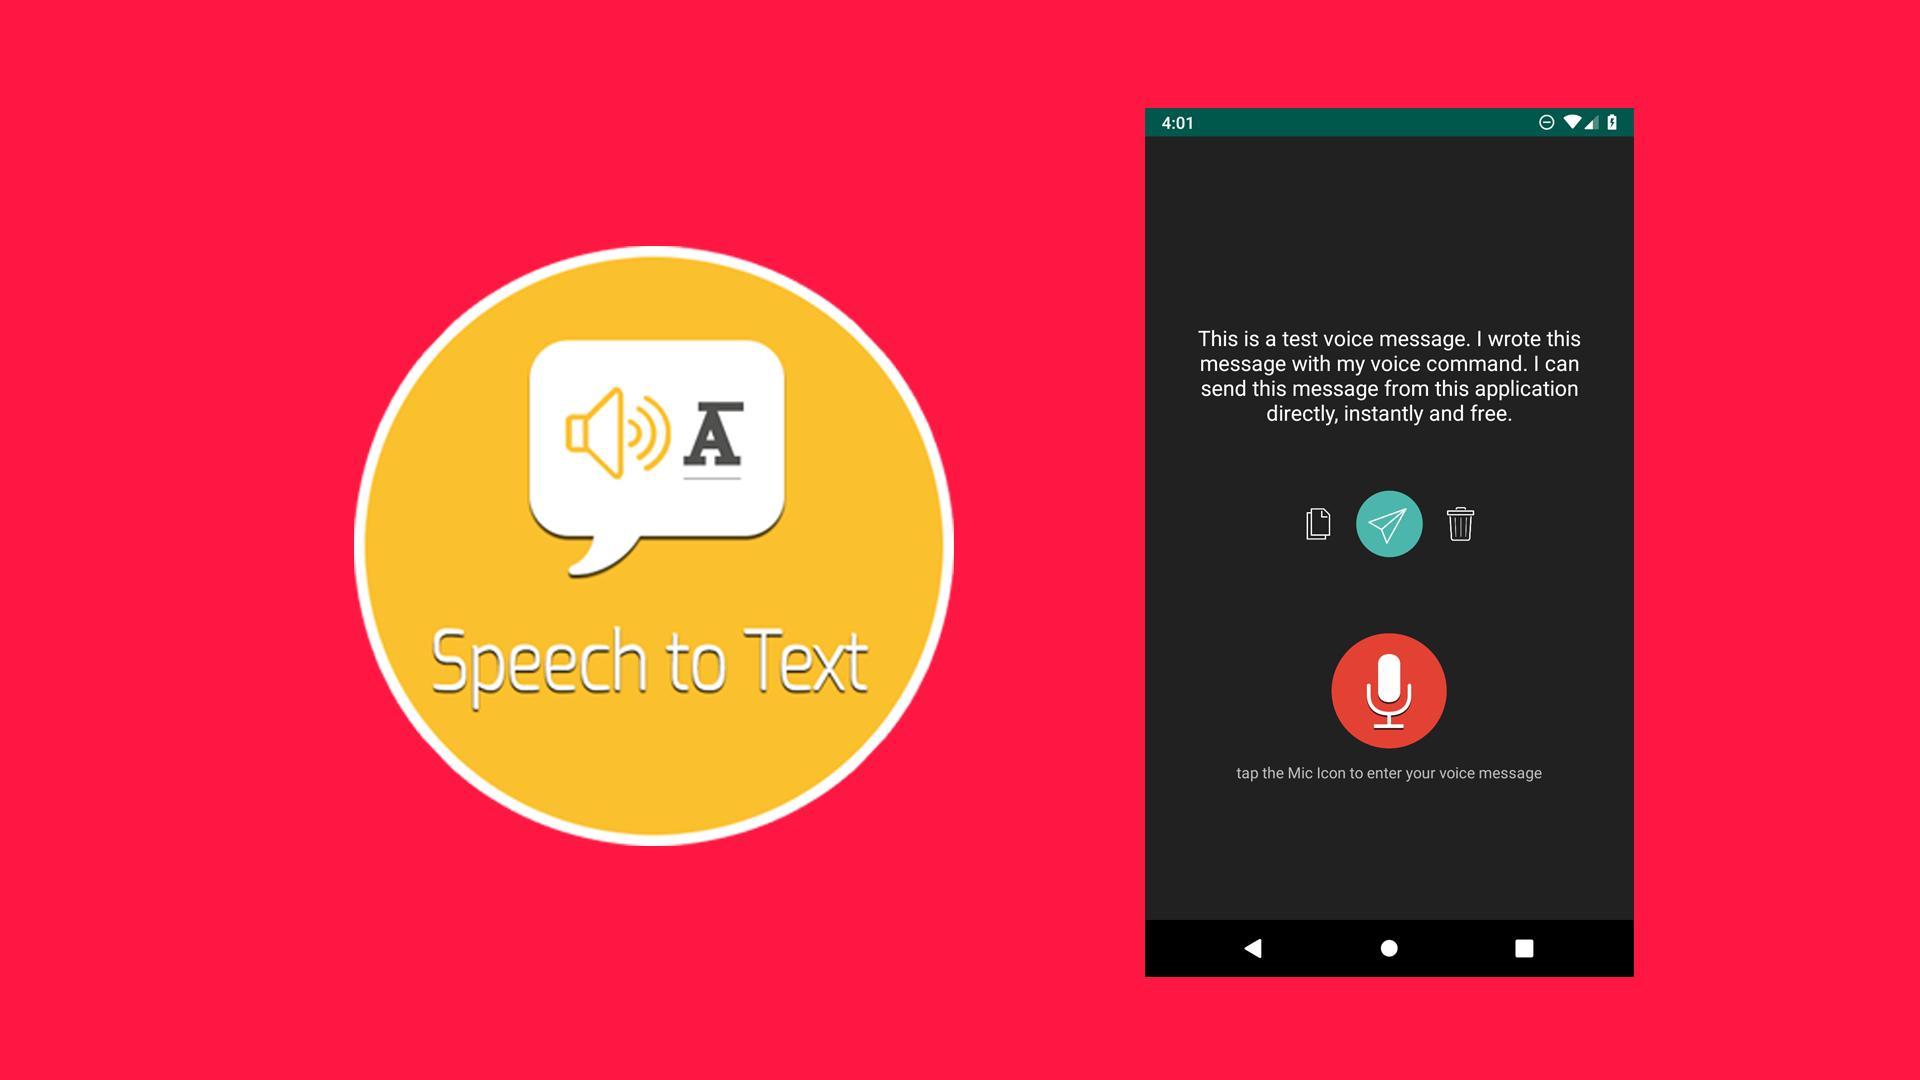 phần mềm chuyển đổi giọng nói thành văn bản trên Android